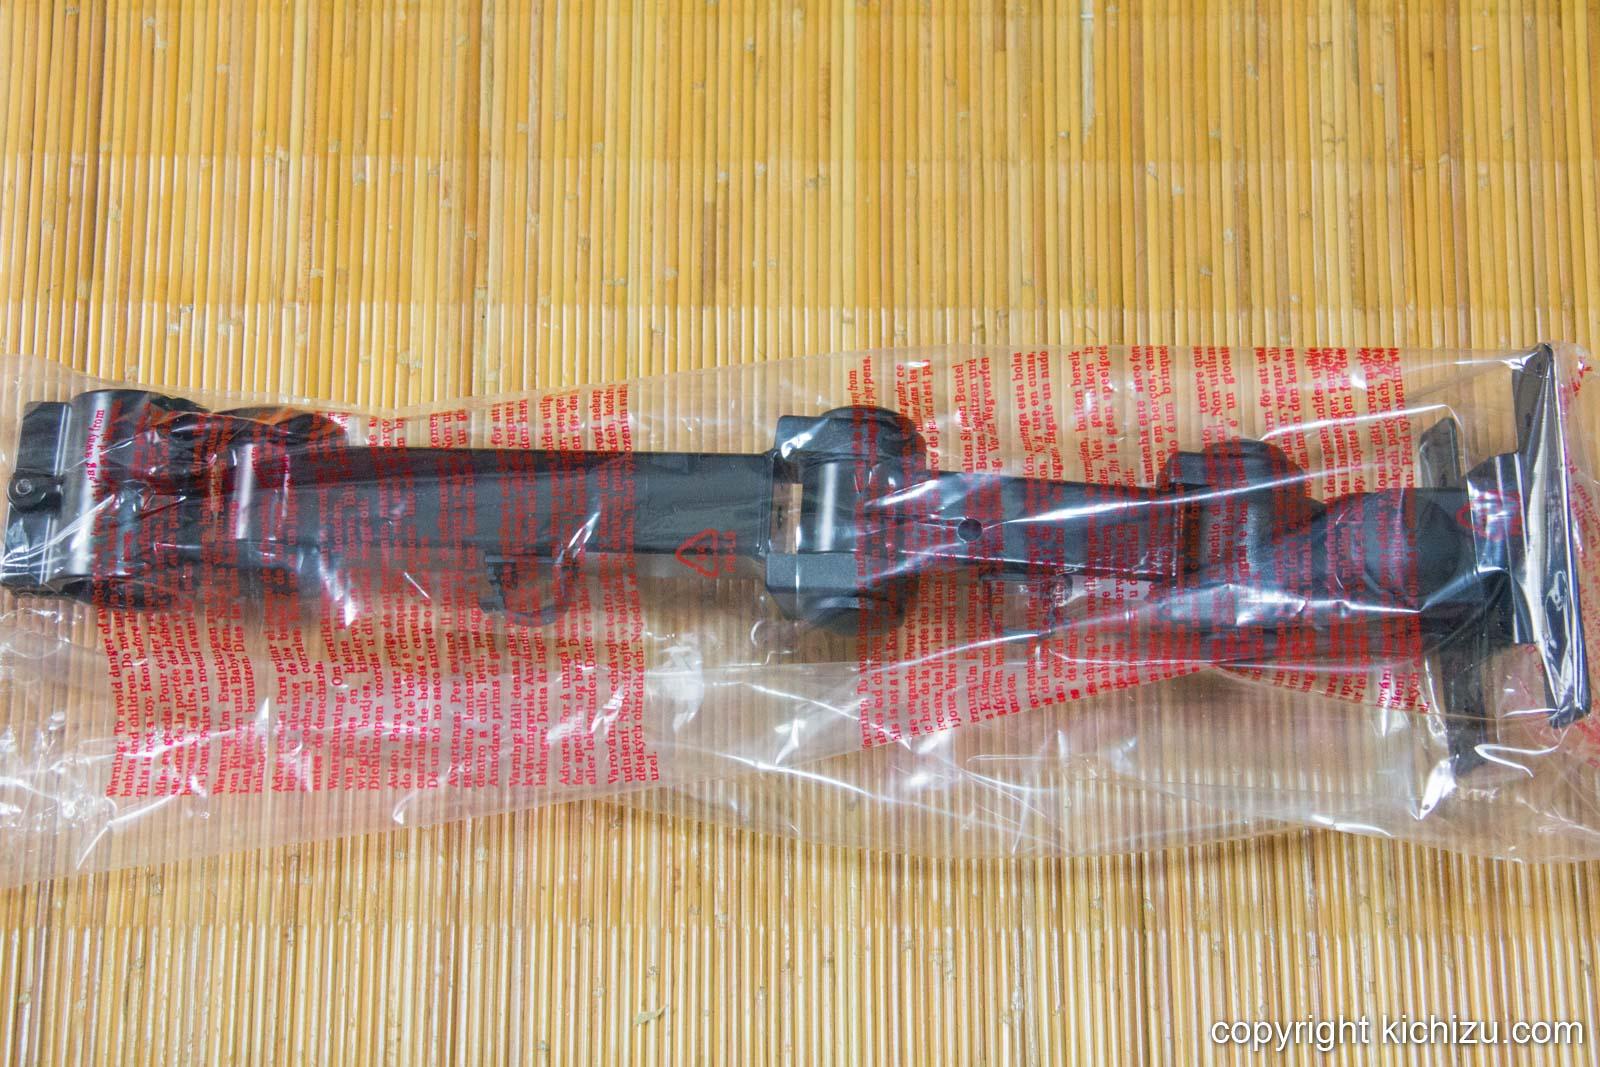 サンコー MARMP192B 4軸式くねくねアーム(ポール取り付け用部品)